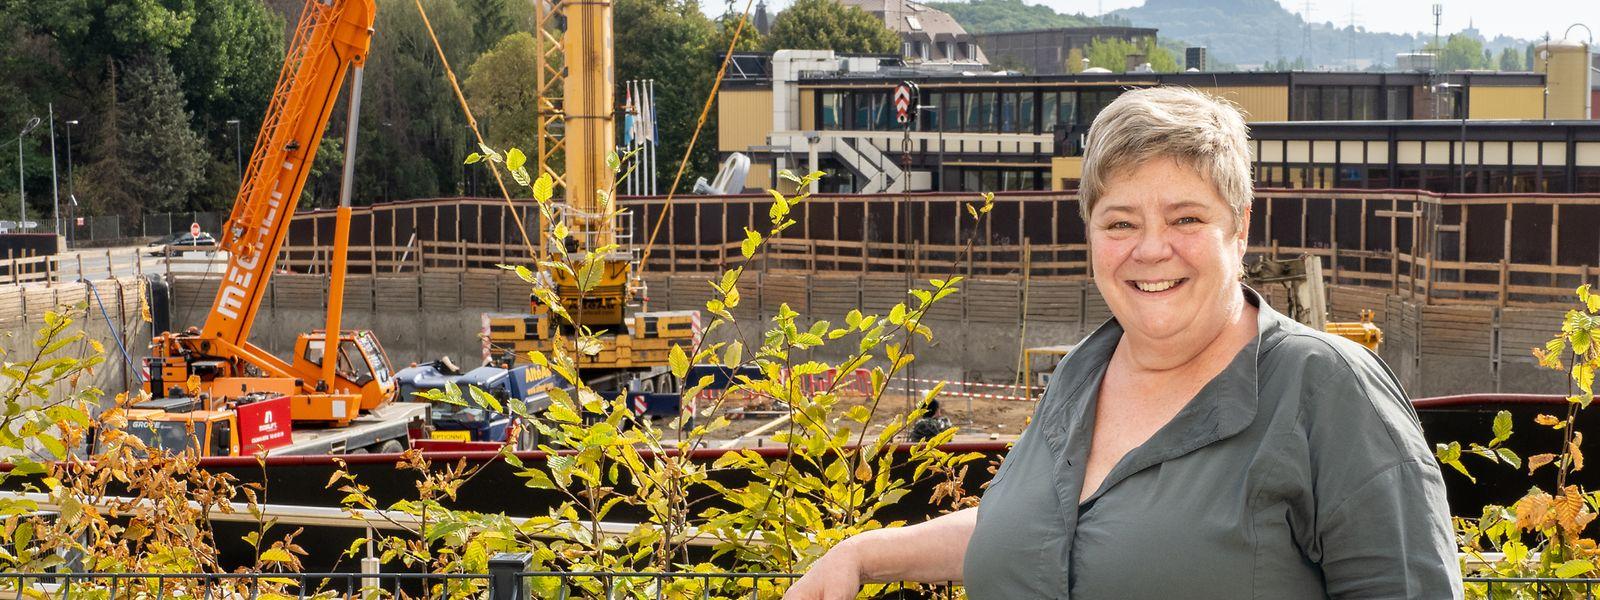 La bourgmestre de Differdange, Christiane Brassel-Rausch, au pied du chantier du vaste complexe immobilier prévu à l'entrée de la commune.